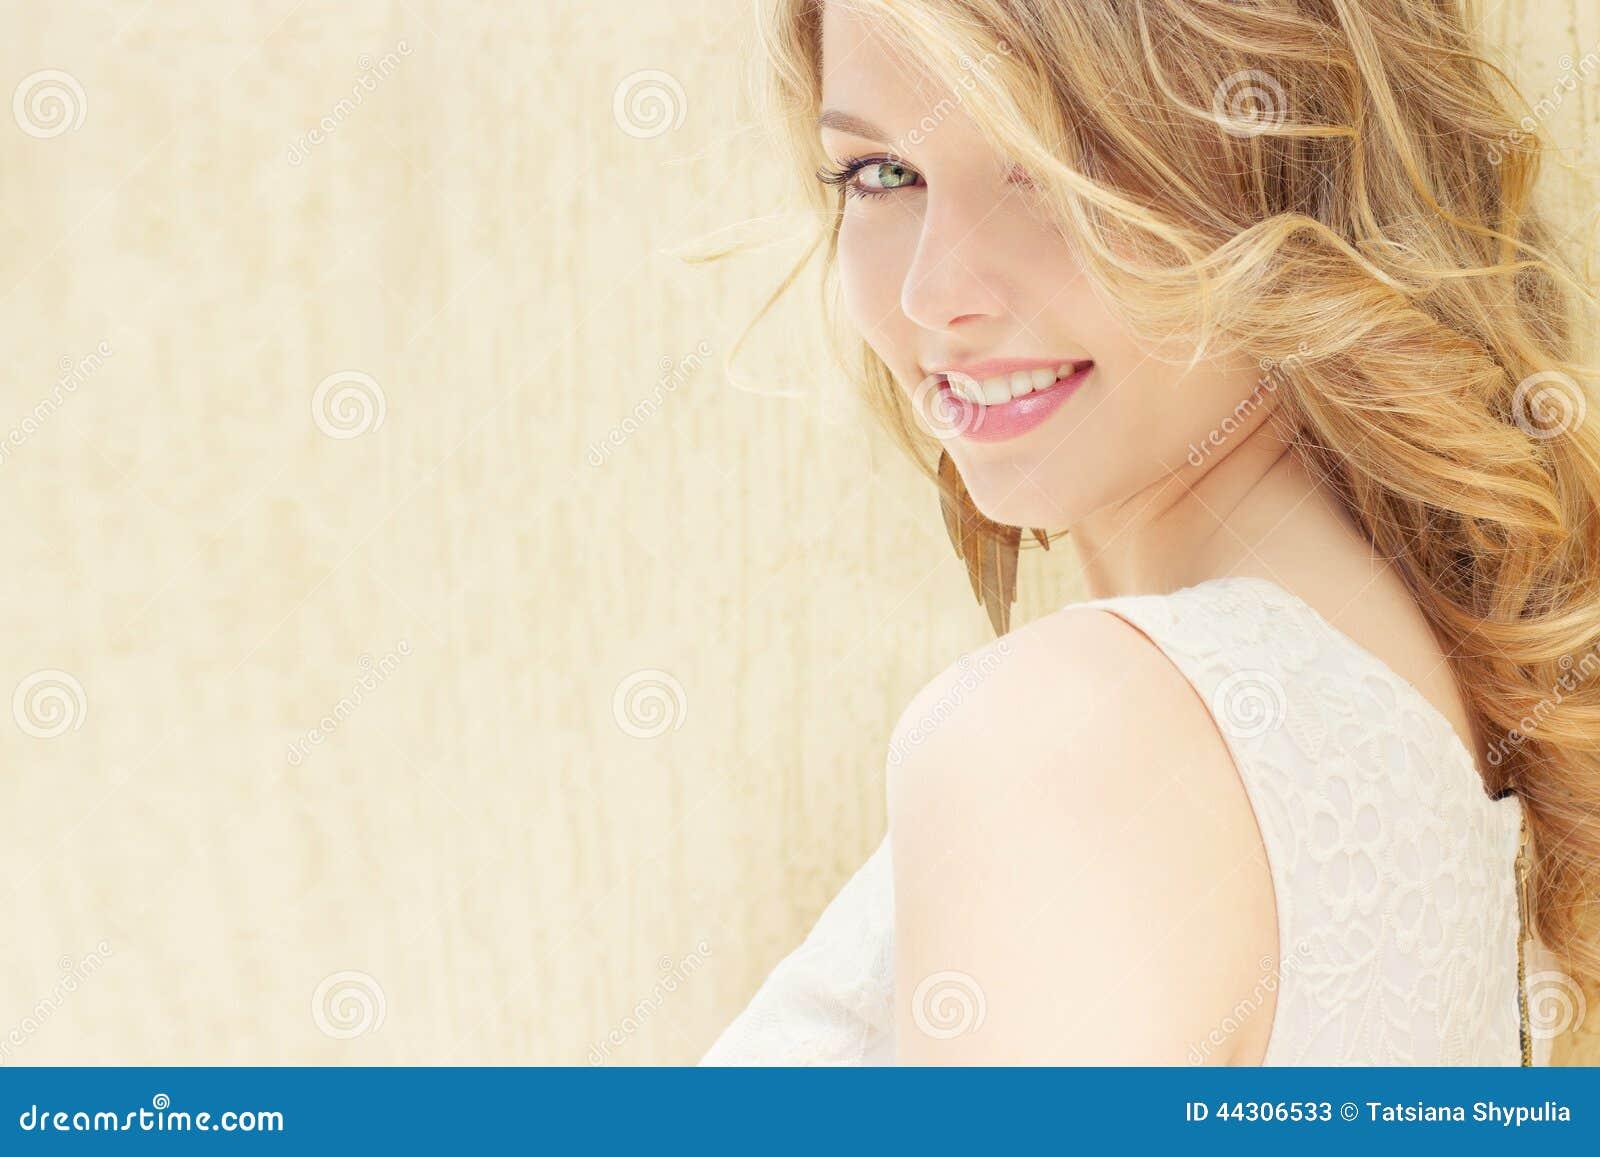 Portret piękna seksowna dziewczyna z wielkimi tłuściuchnymi wargami z białym włosy i białym pełnym długim palcem